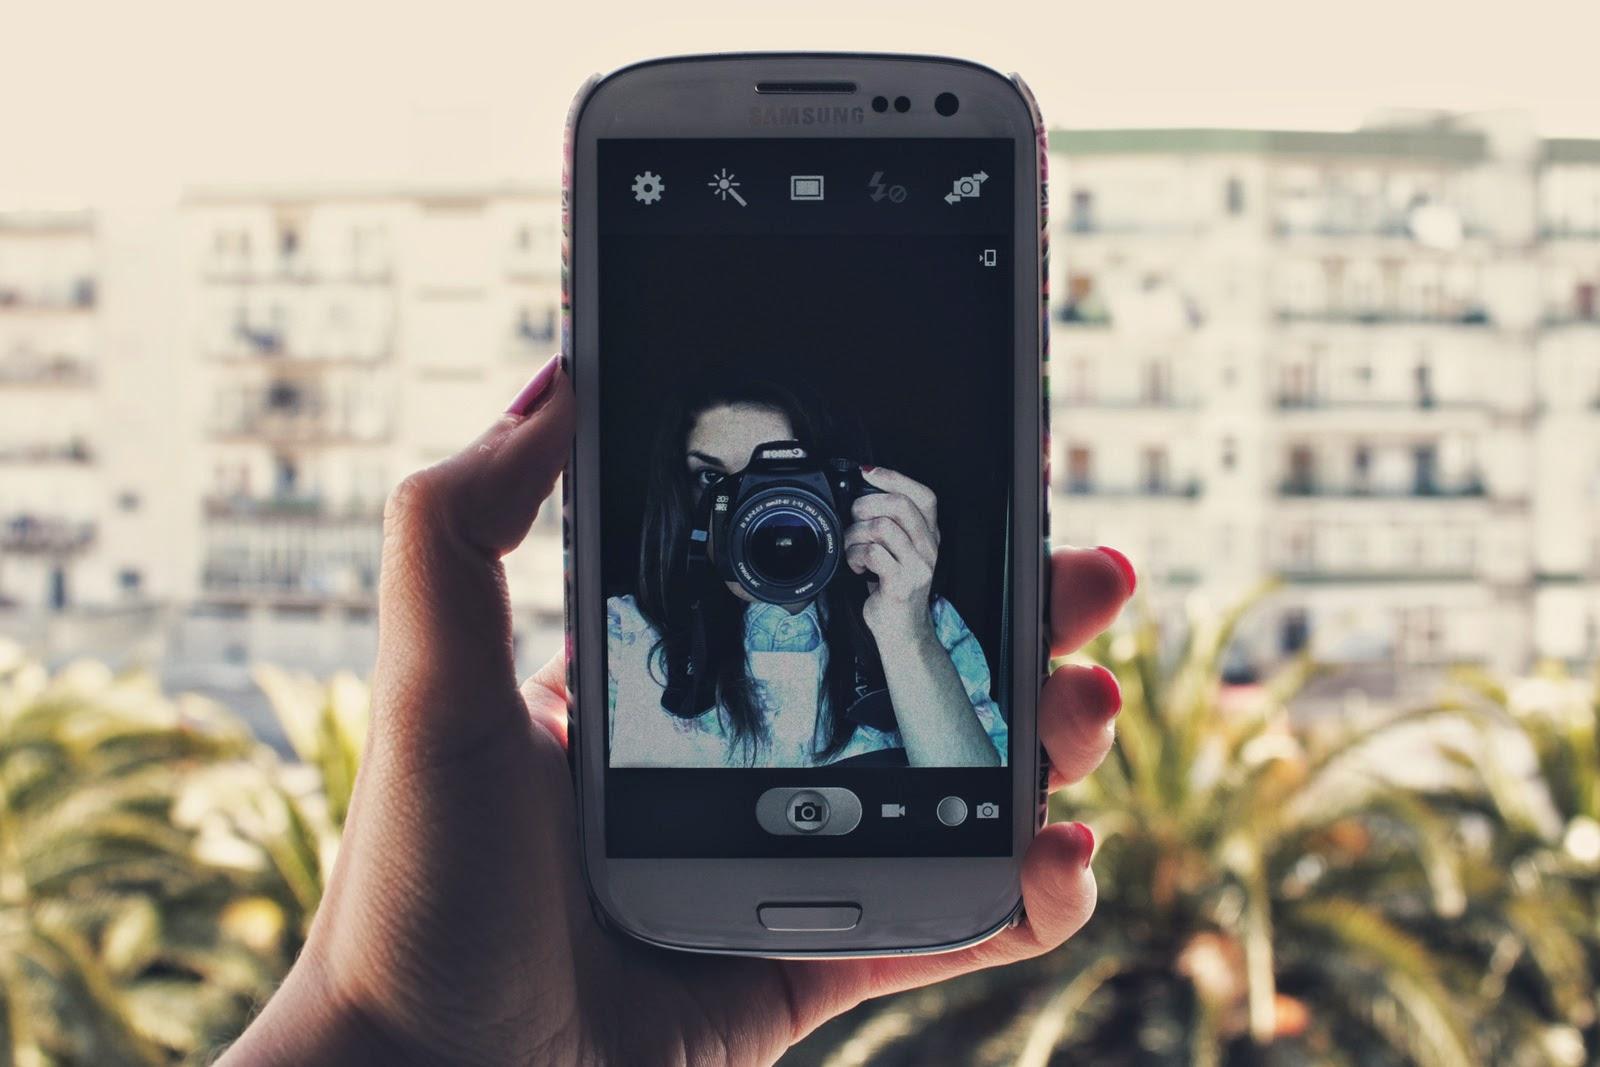 Mejora tus fotografias que tomas con el telefono movil 3